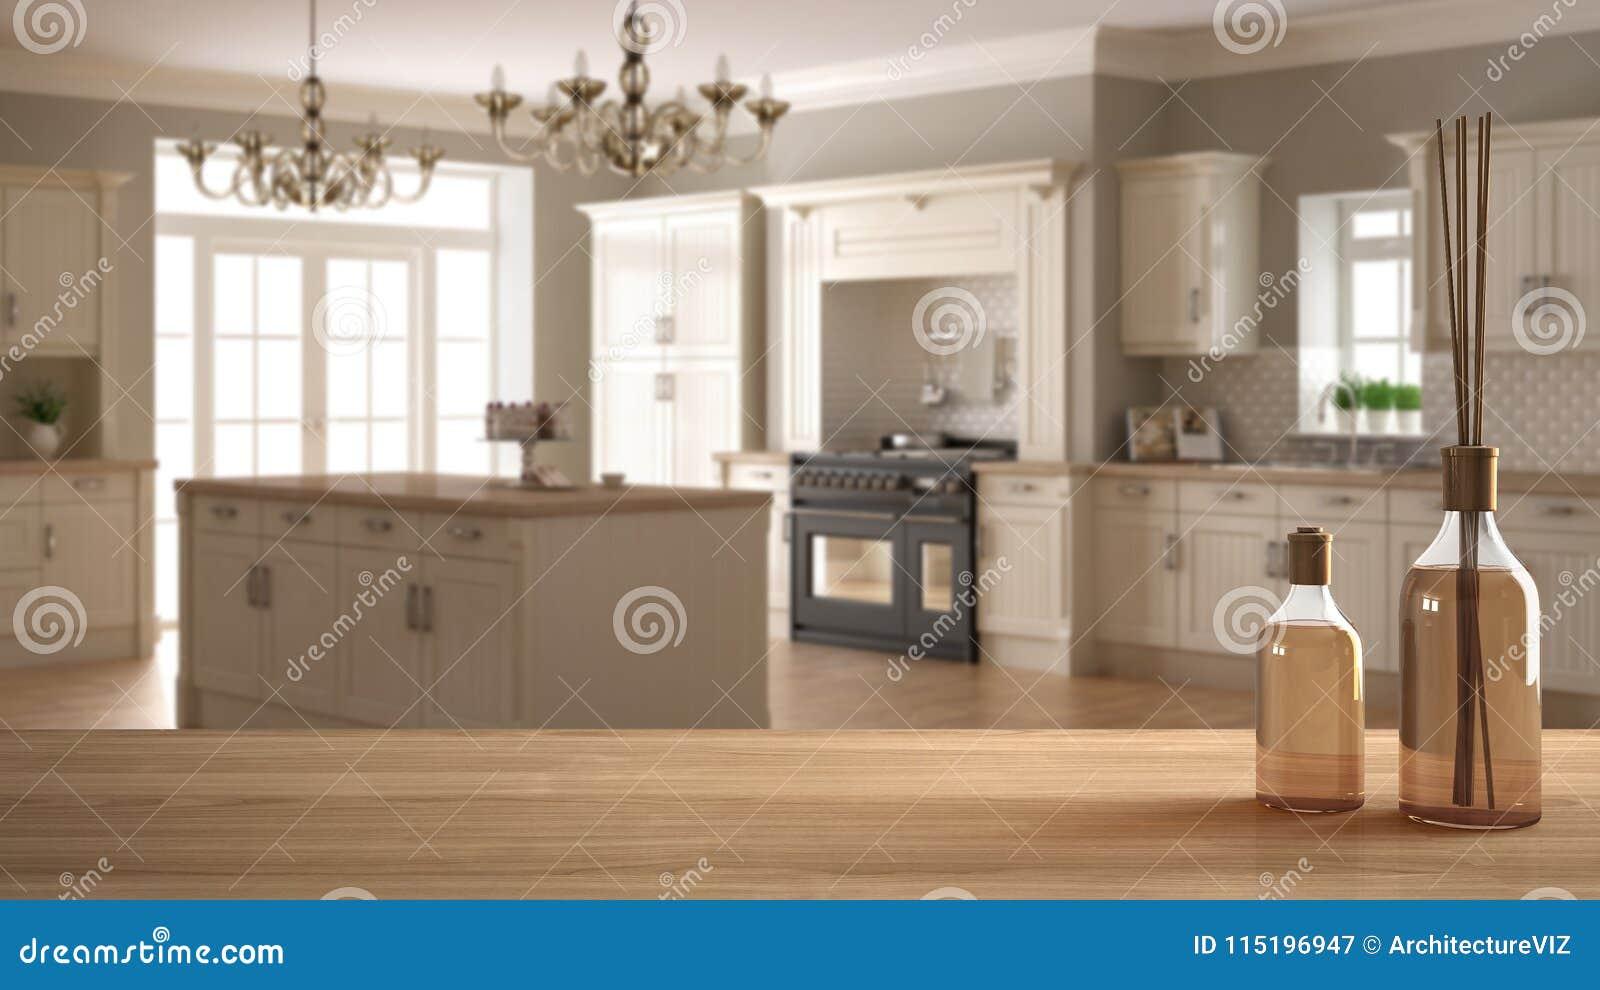 Houten lijstbovenkant of plank met aromatische stokkenflessen over vage klassieke keuken met eiland, witte architectuur binnenlan